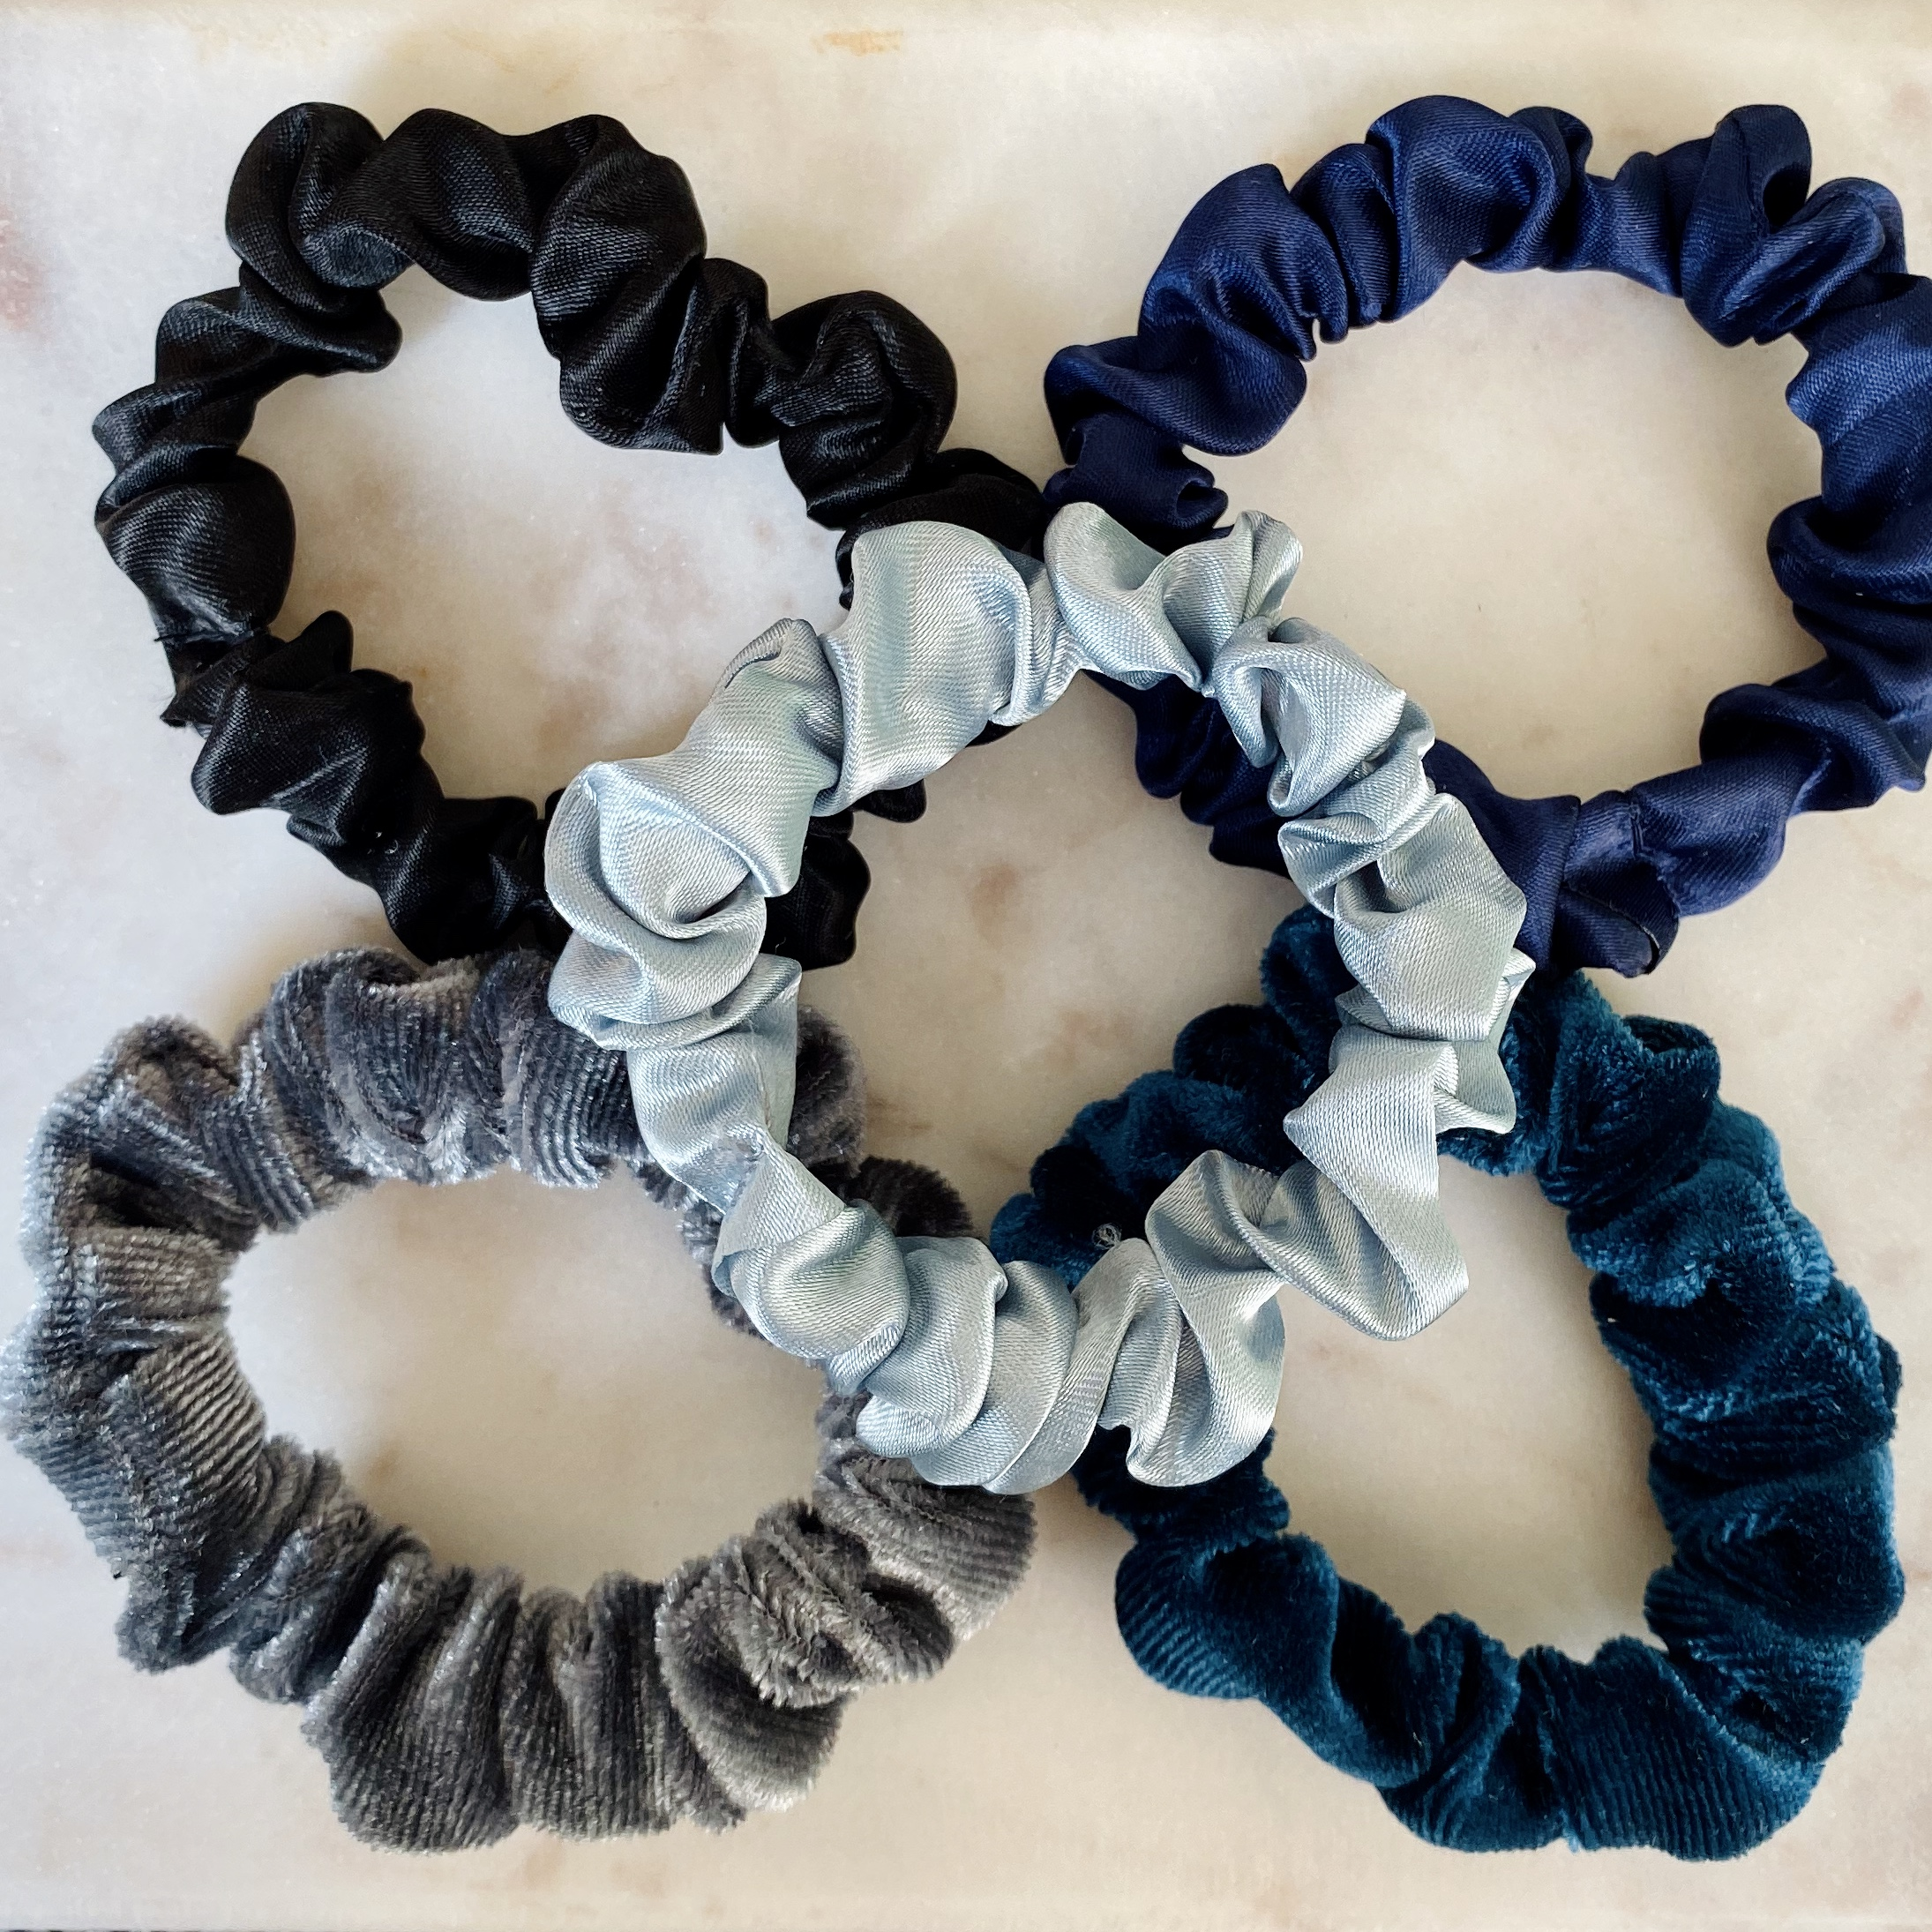 Leuke set met blauwe scrunchies op een plaatje om te kopen